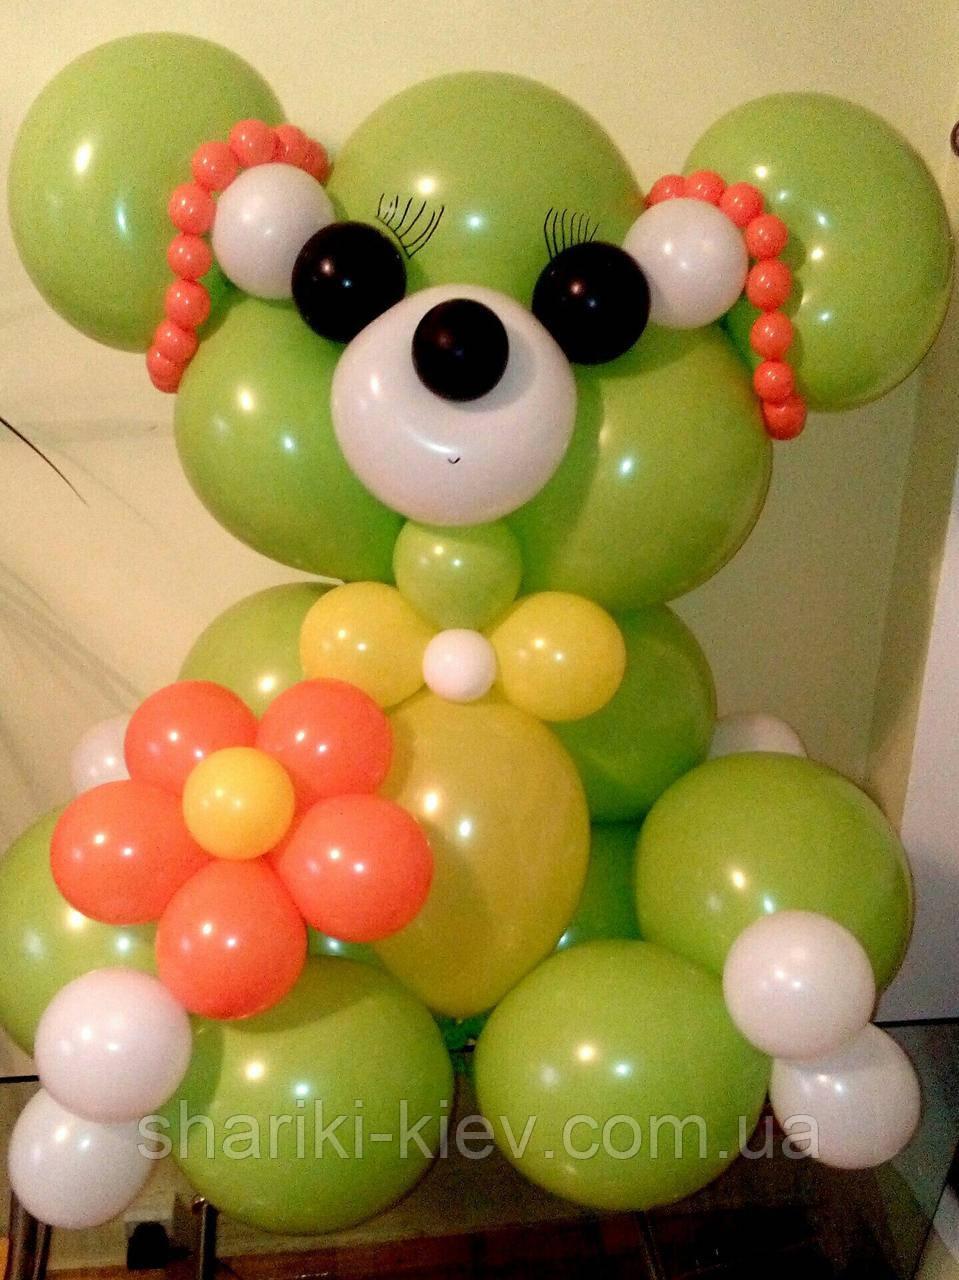 Большой Мишка Гвидо 1 из воздушных шариков на День рождения